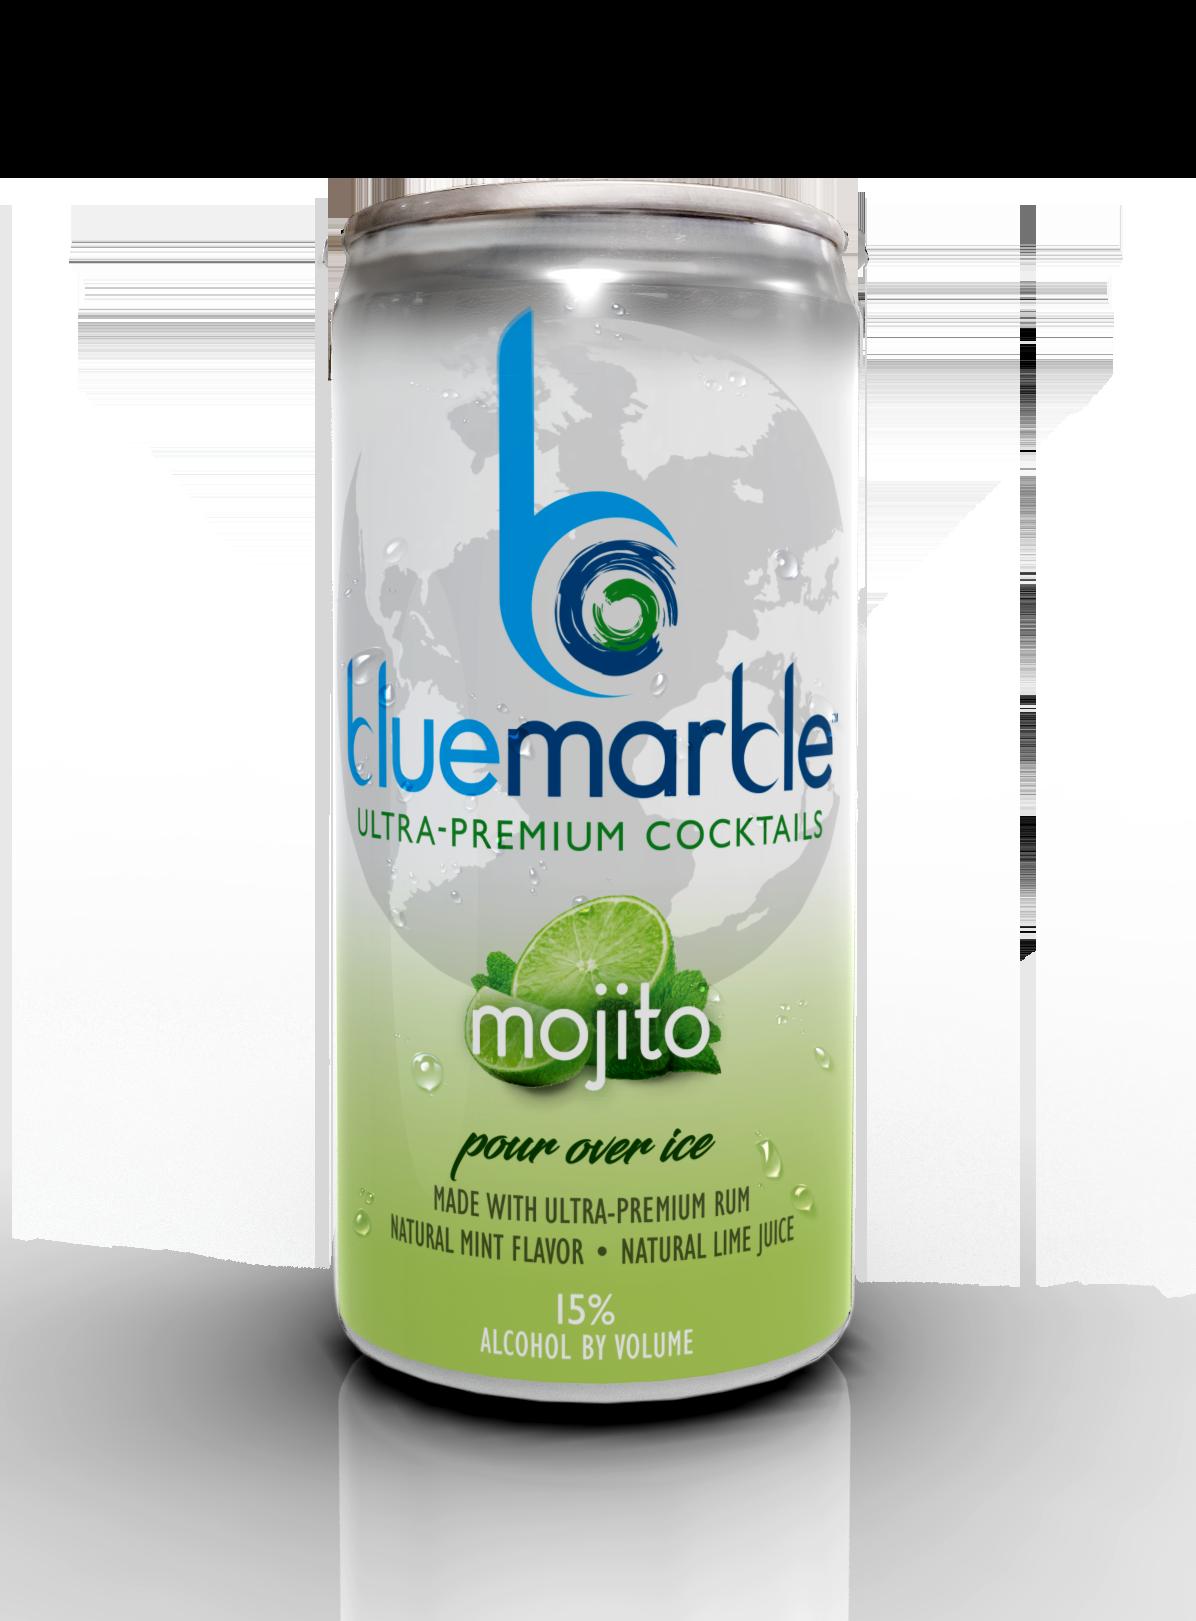 Mojito - Ultra-Premium Cocktails